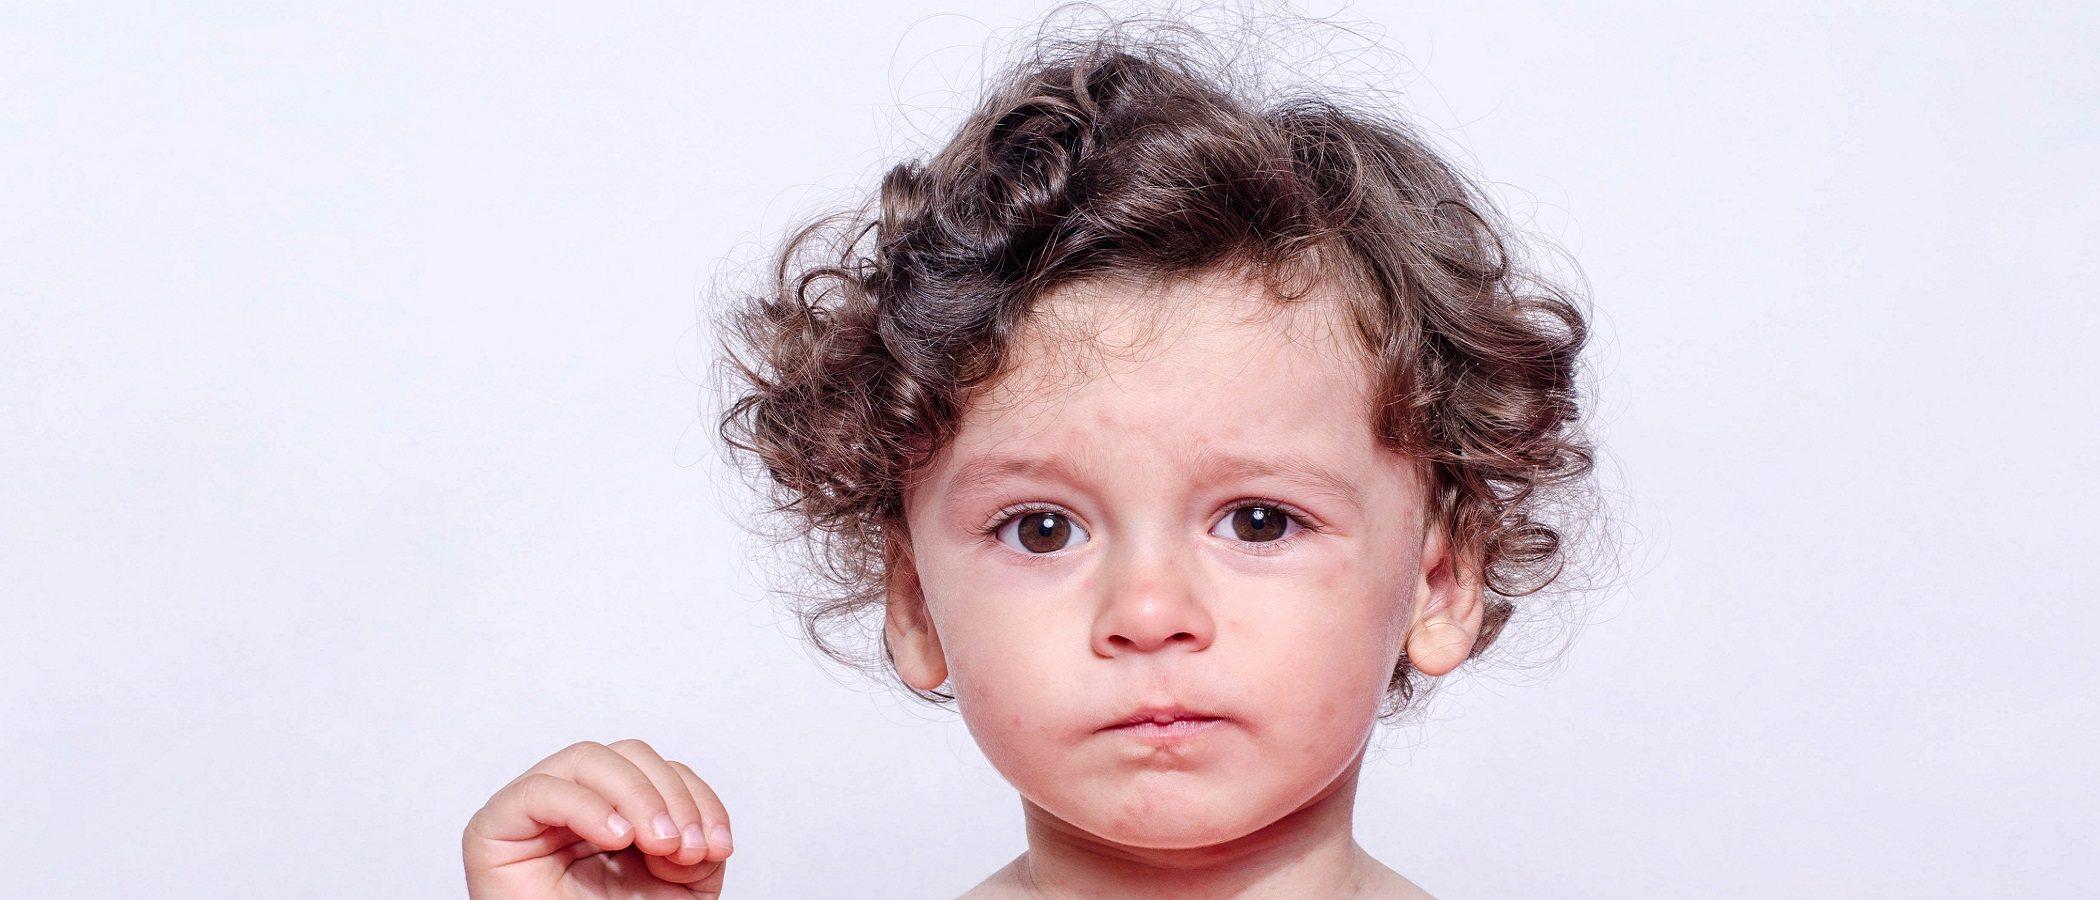 Qué hacer si tus hijos tienen varicela